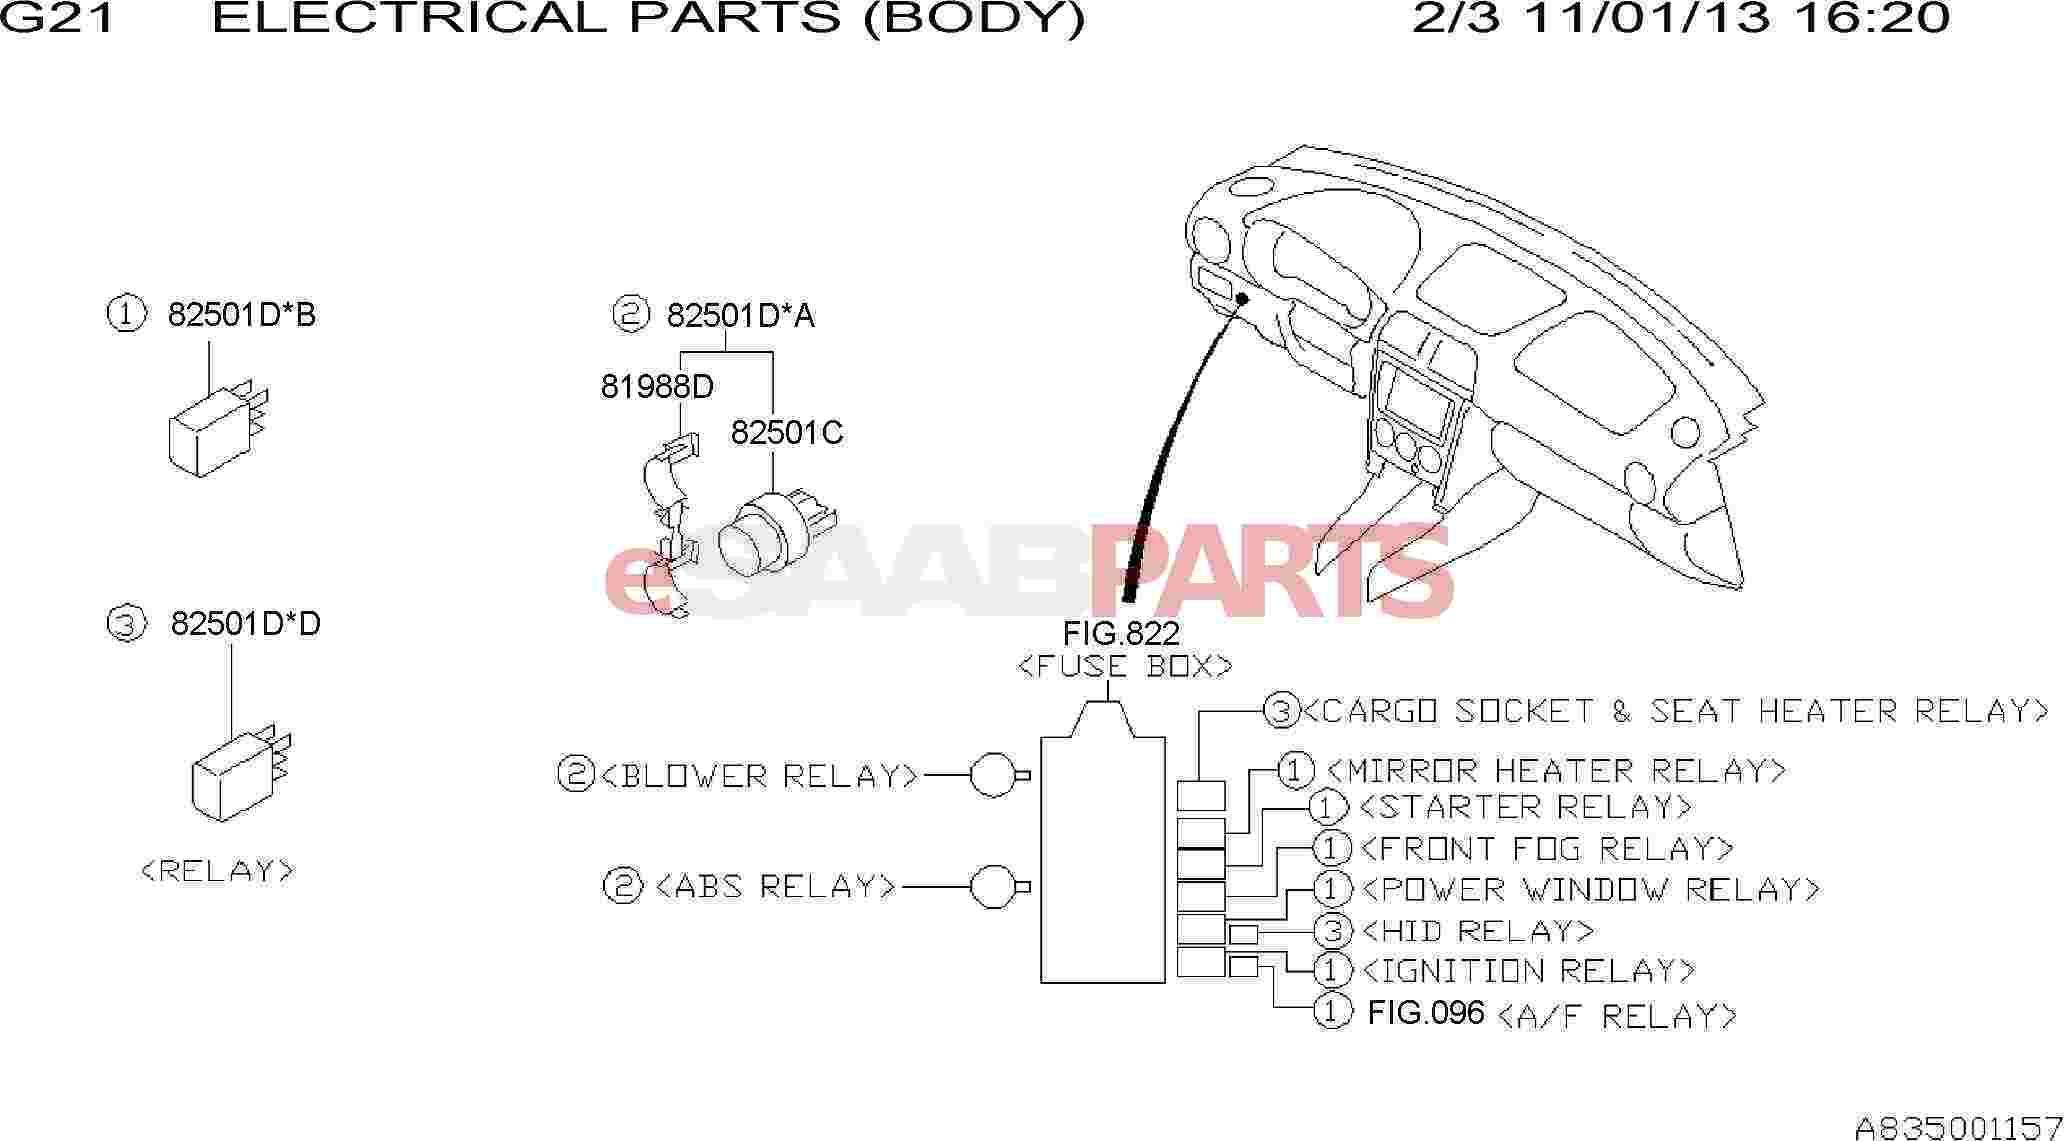 eSaabParts.com - Saab 9-2x > Electrical Parts > Electrical Relays >  ELECTRICAL PARTS (BODY): RELAY